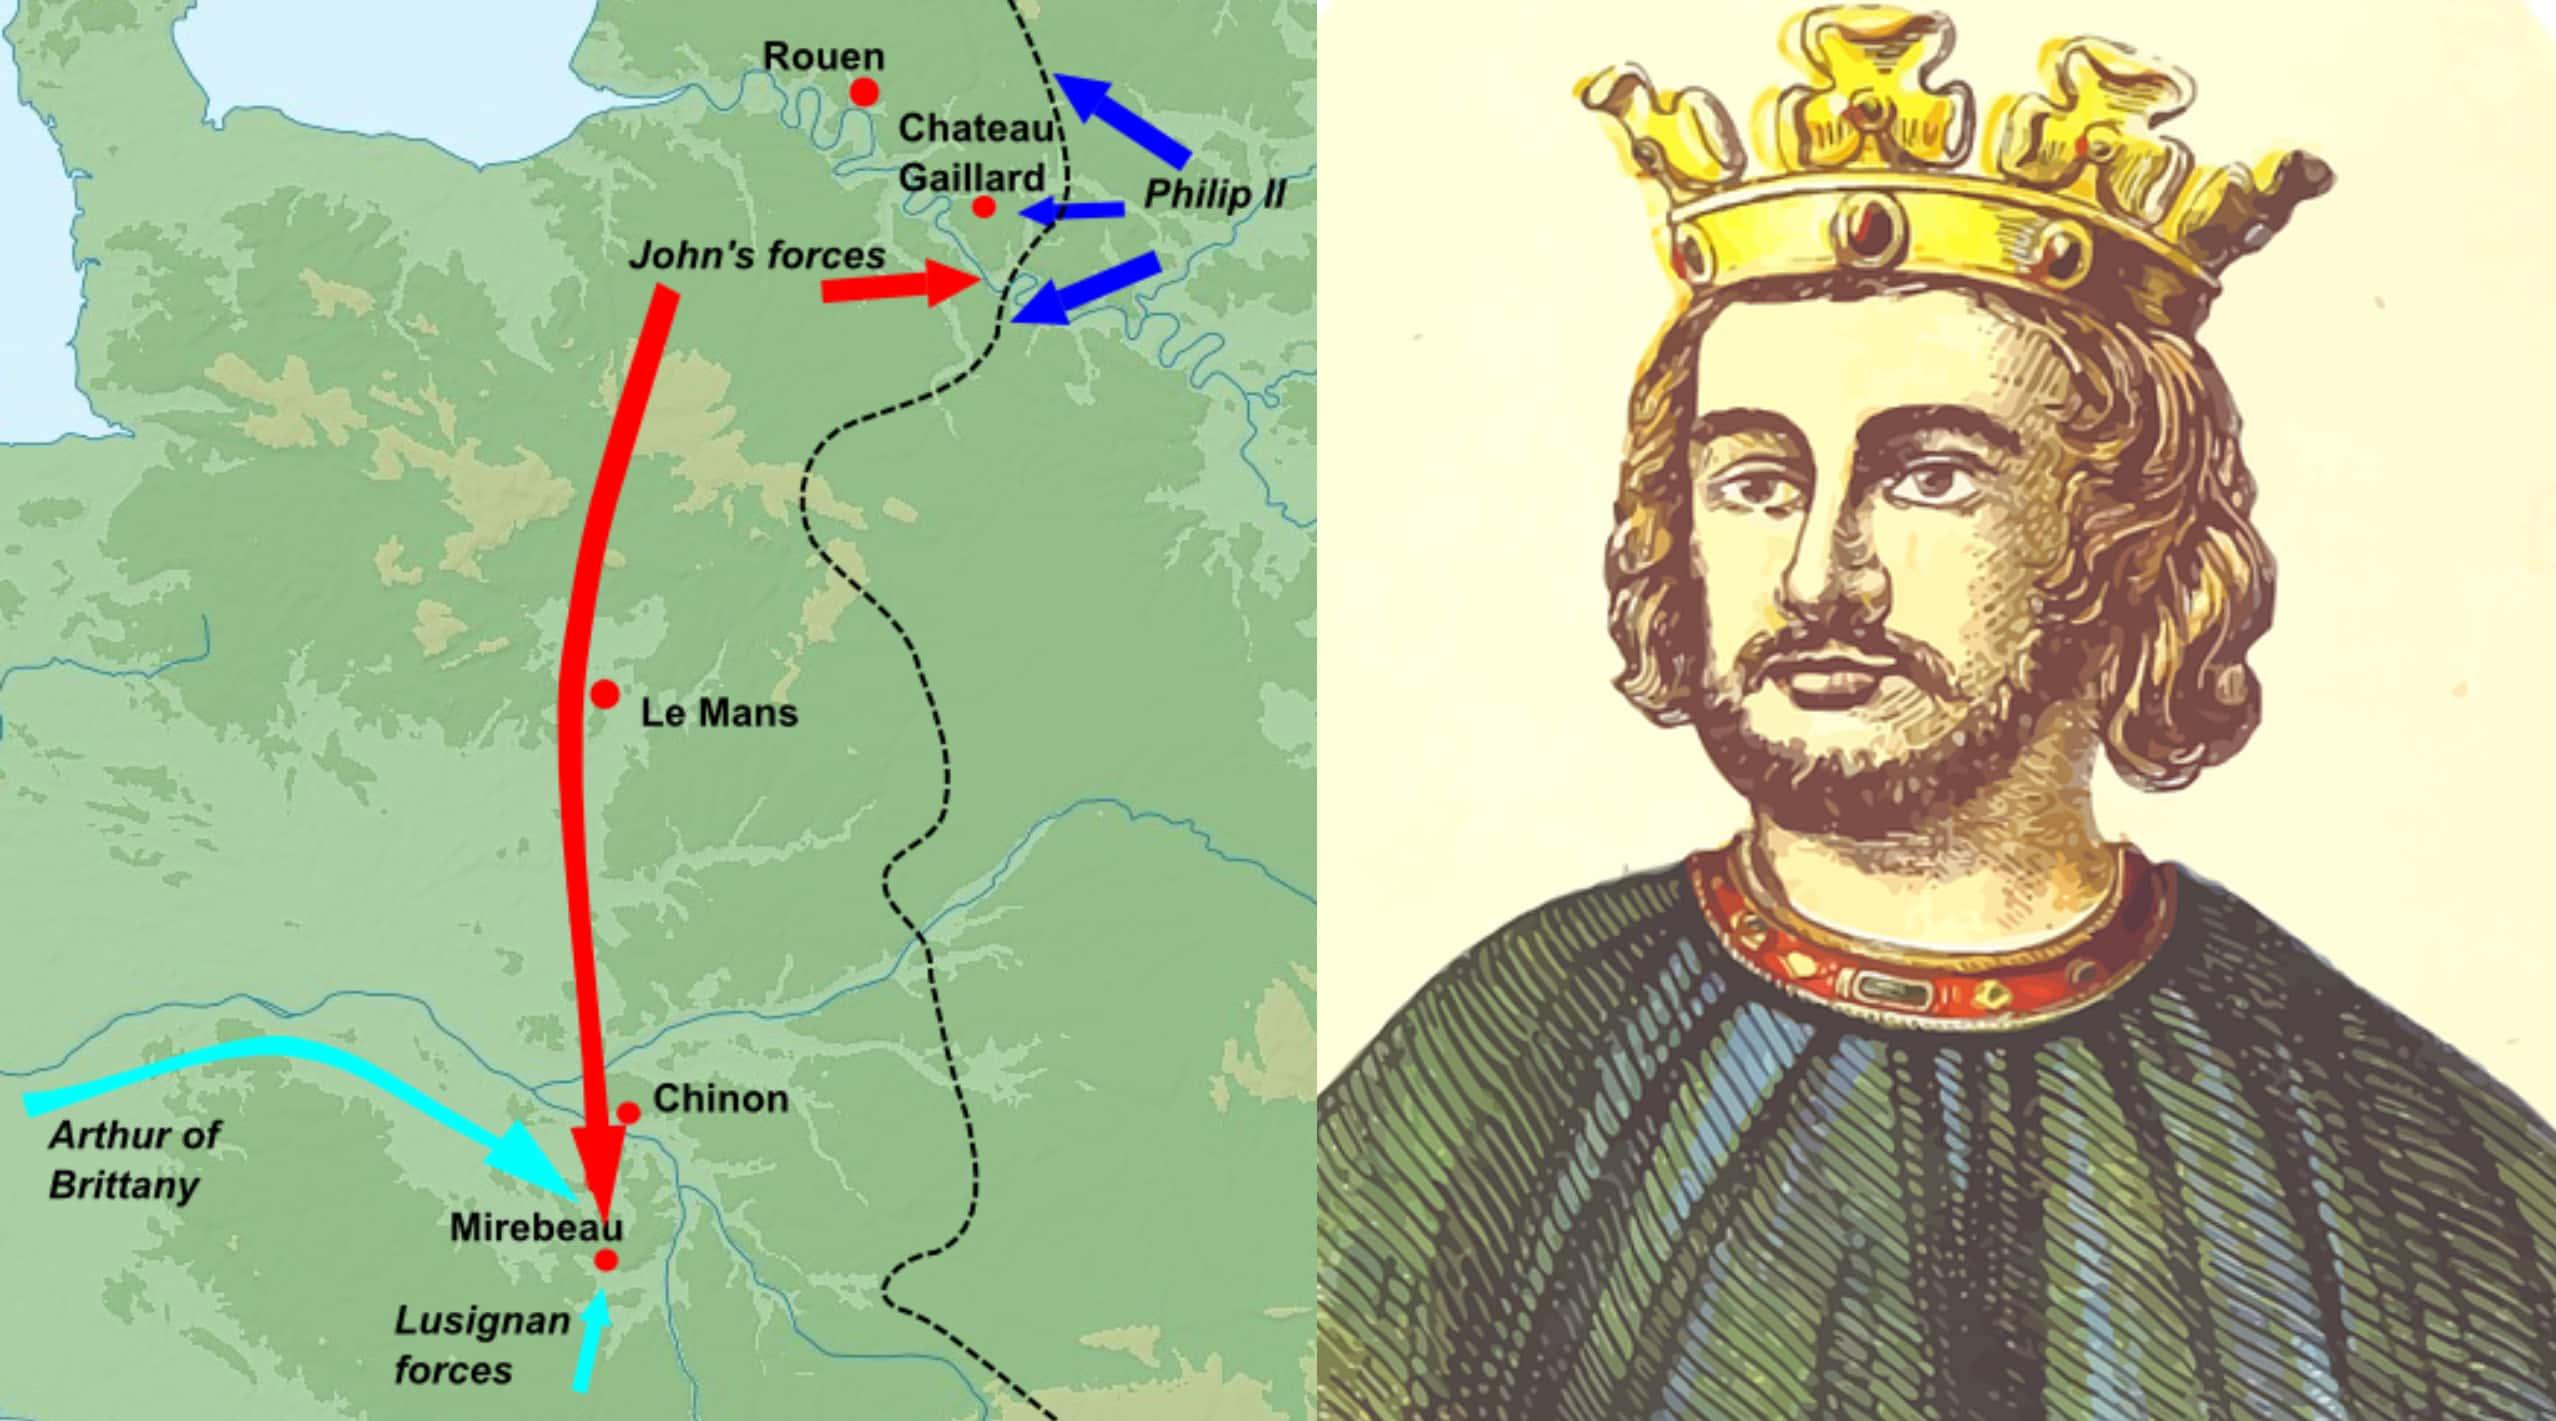 King John facts